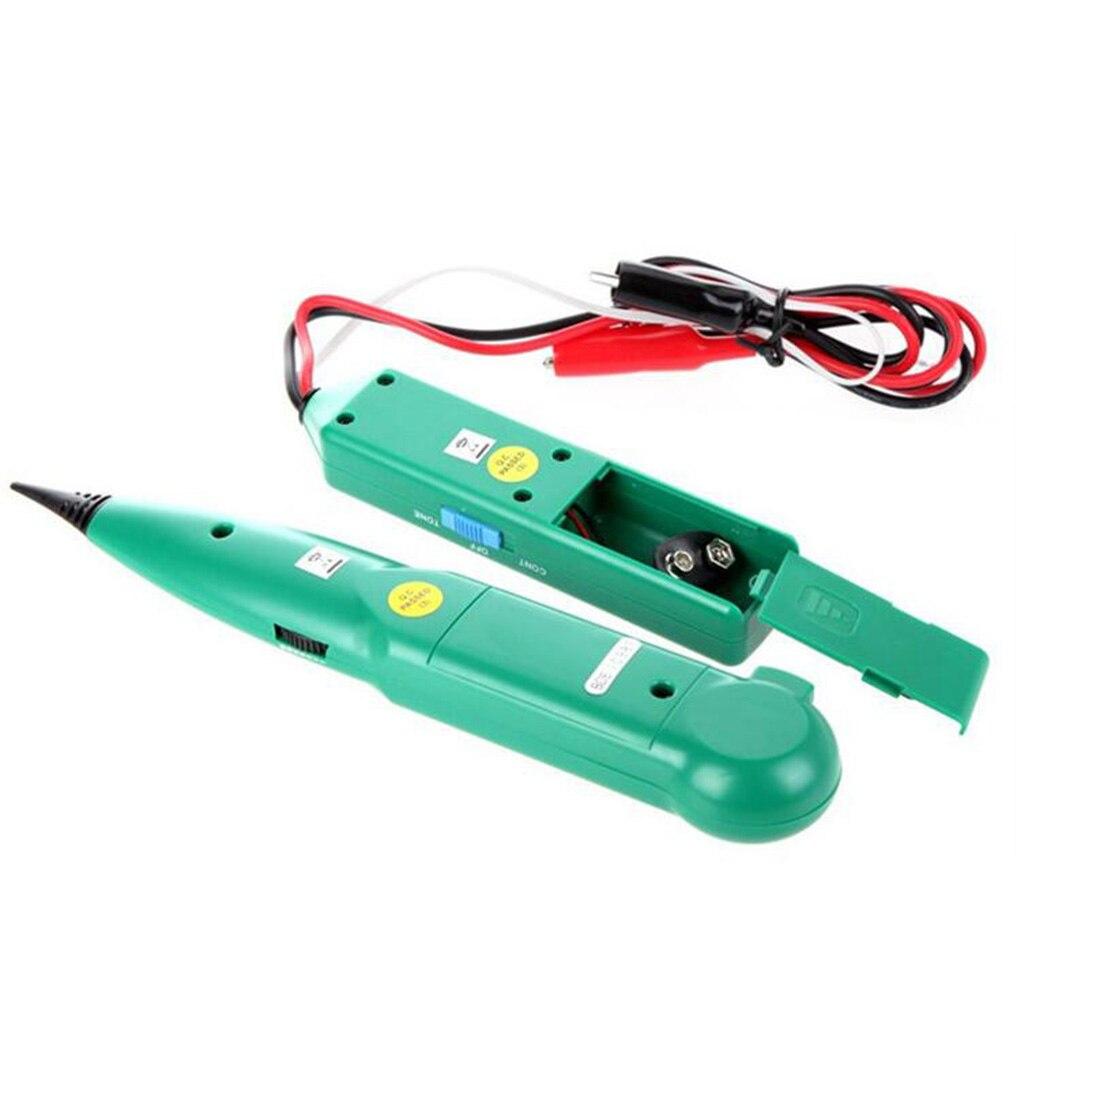 Топ 1 шт. (9 В) телефон проводной сети Кабельного Тестера Линии Tracker для MASTECH MS6812 (MS6812-T и MS6812-R) оптовая продажа